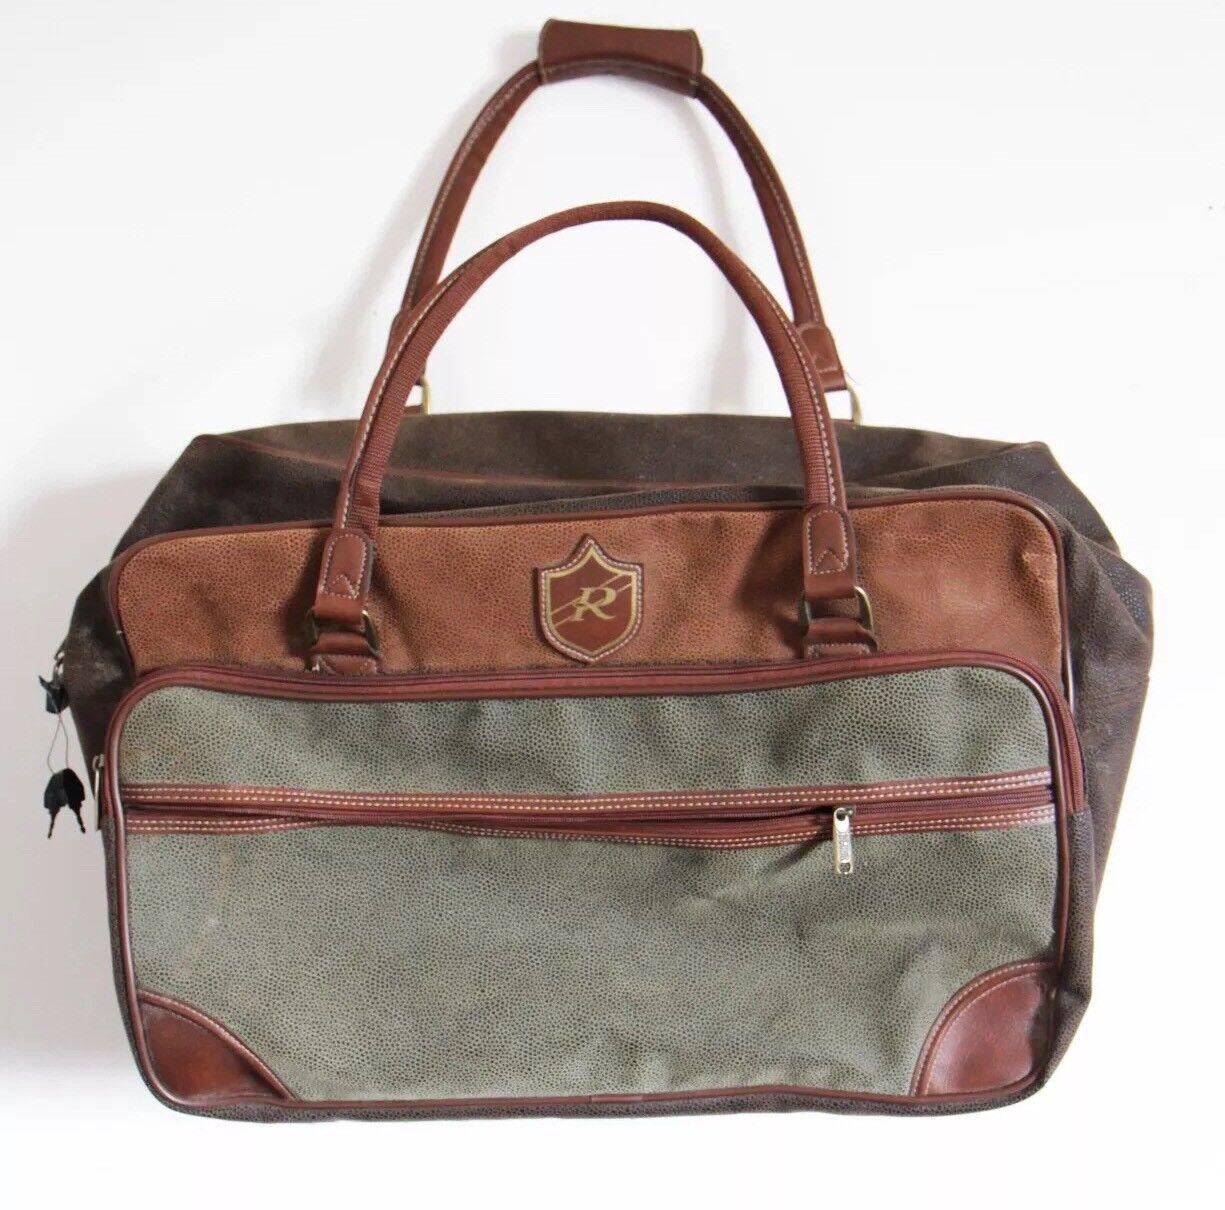 e469dc9caa Jaguar Collezione borsone borsa valigia viaggio vintage Borsa travel trolley  pelle